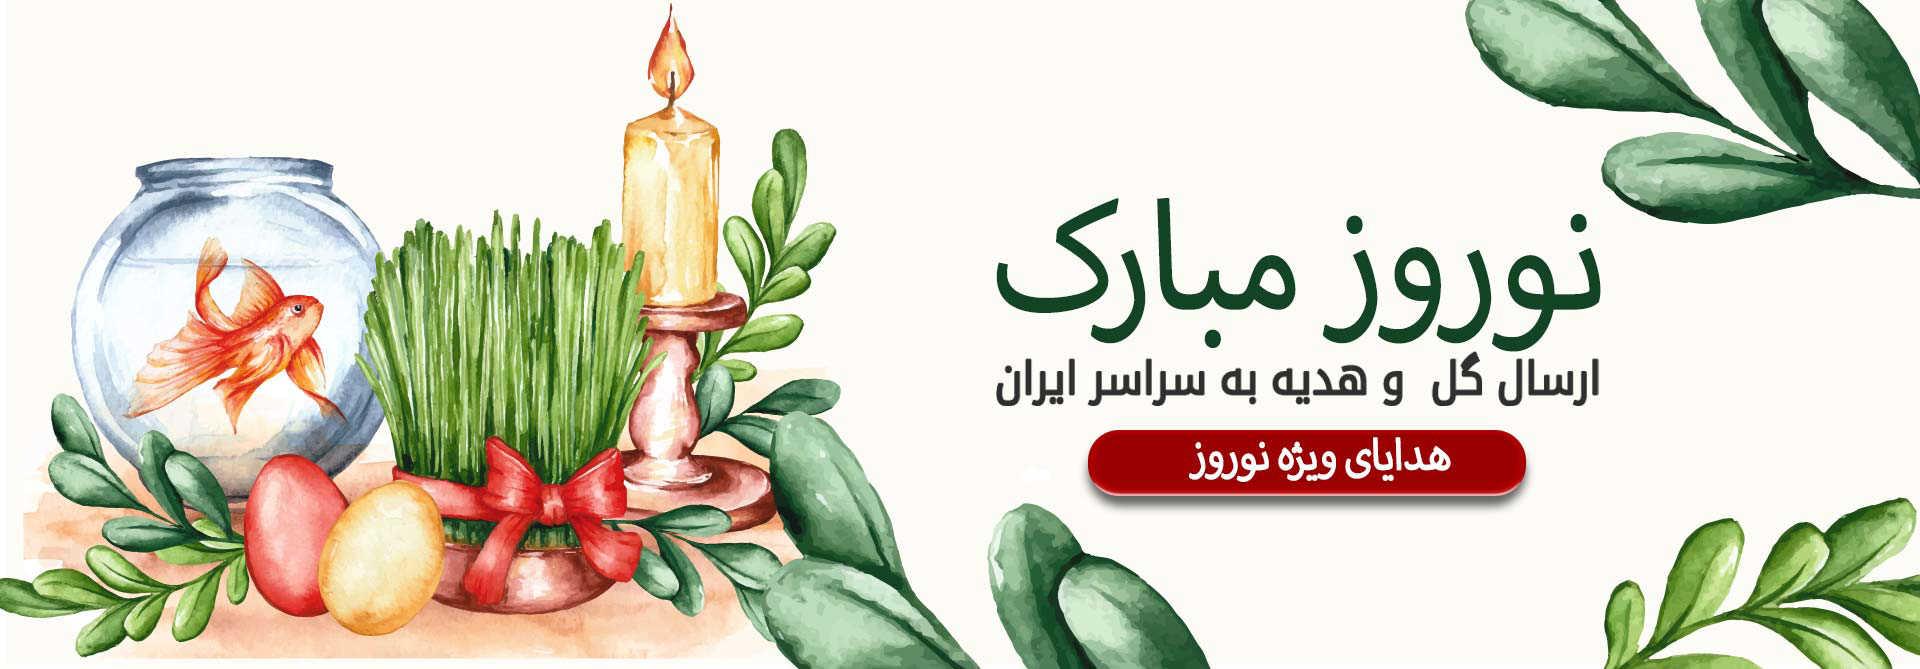 گل و هدیه ویژه عید نوروز و سال نو